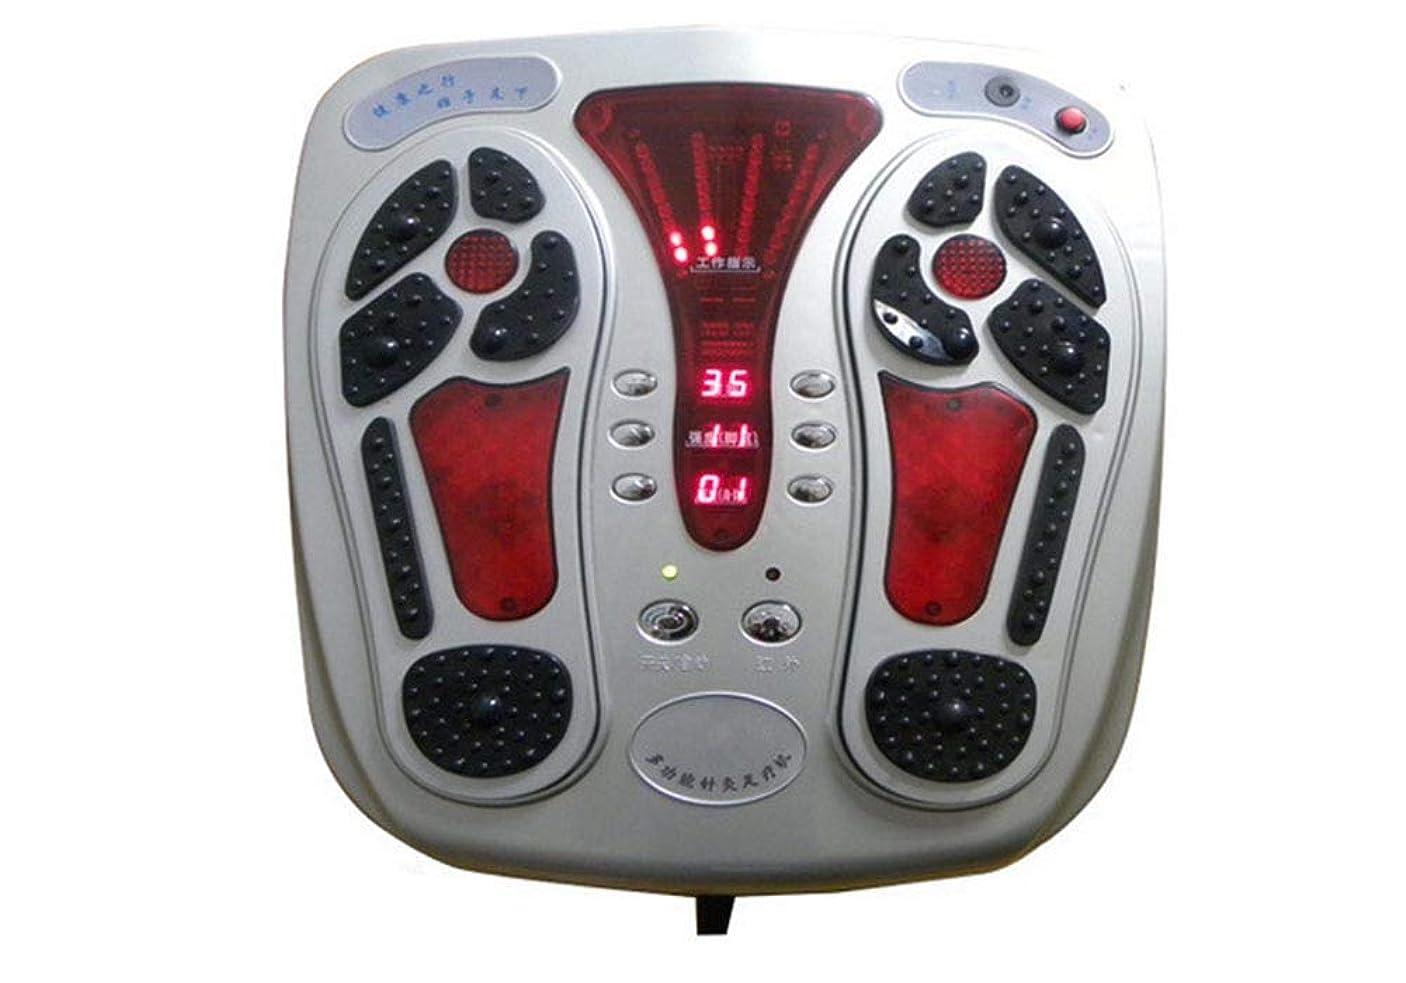 スキップツーリスト少ない電磁式フットサーキュレーションマッサージャー、リモートコントロール、血液循環を改善し、痛みや痛みを和らげるのに役立ちます。